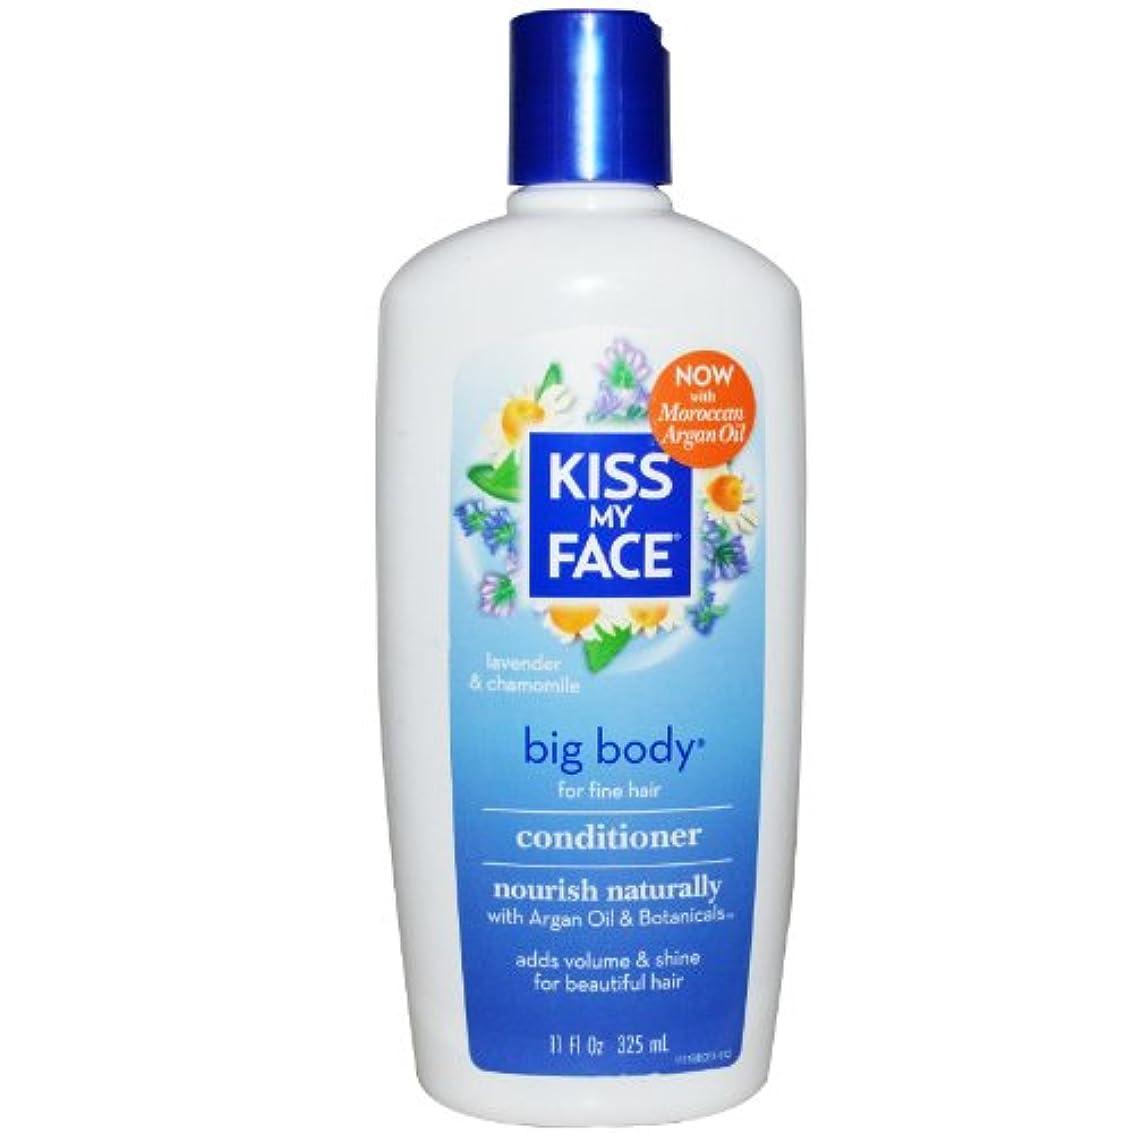 アトラスカーフ予防接種Kiss My Face Big Body Conditioner Lavender and Chamomile - 11 fl oz